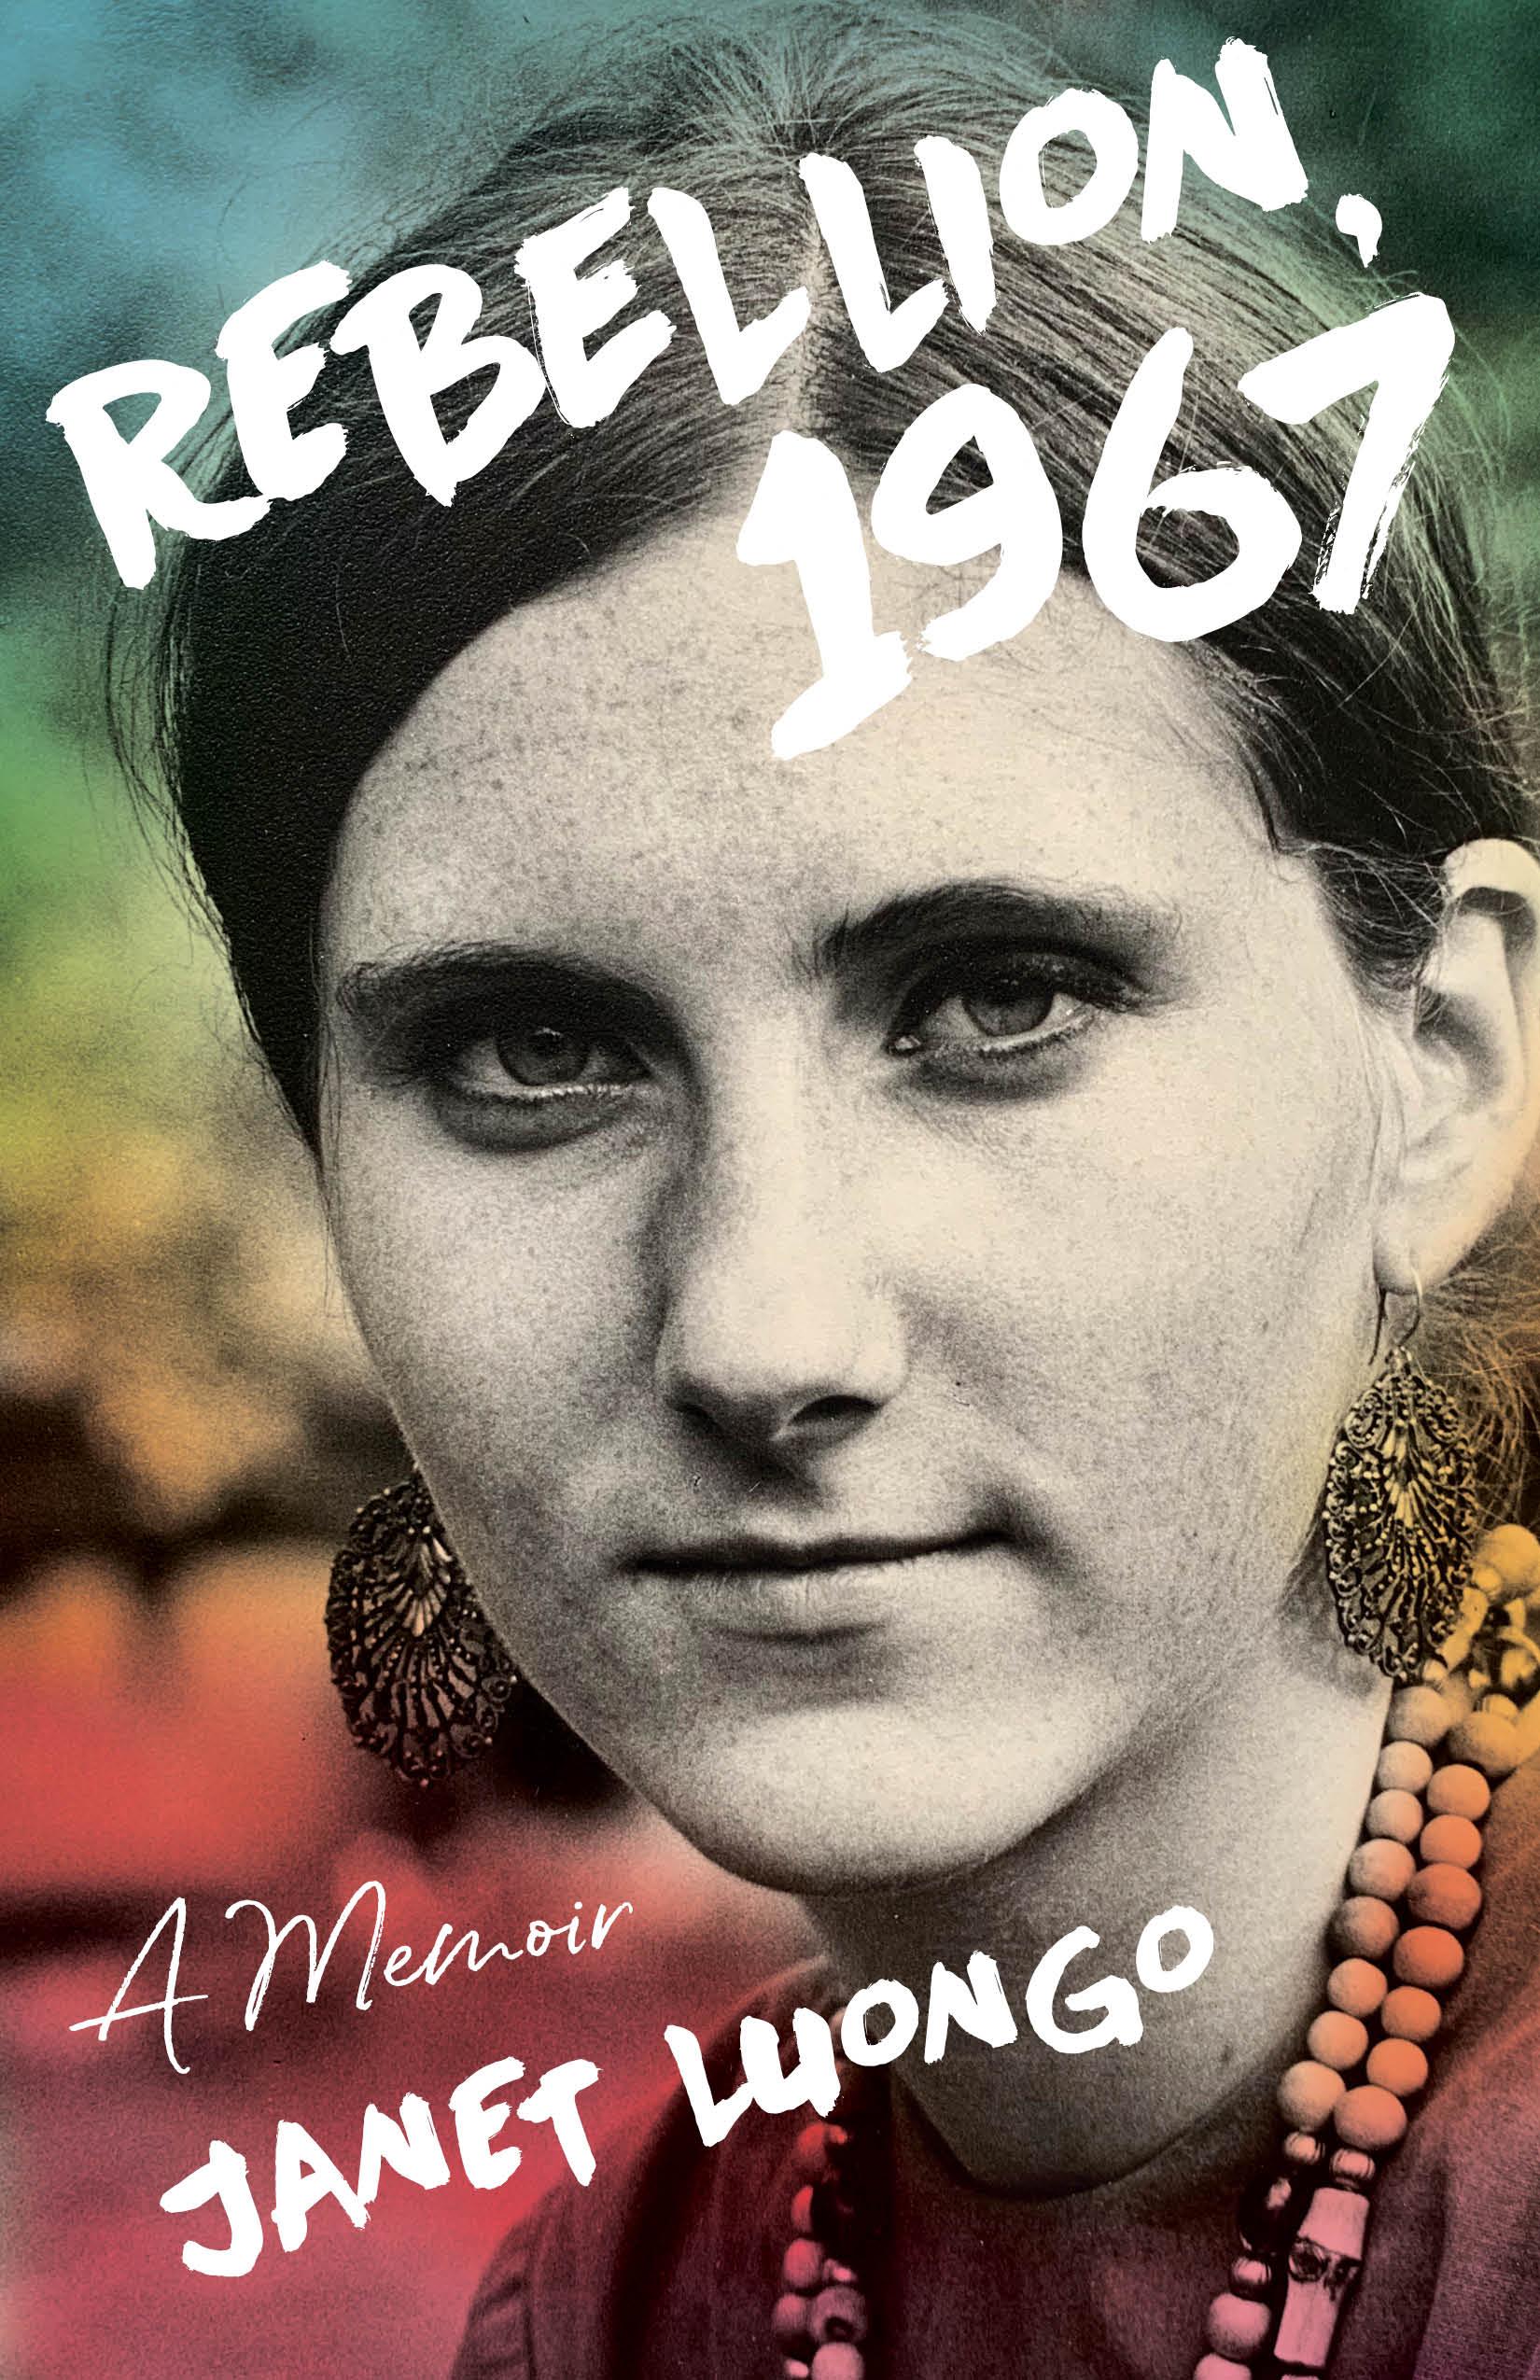 Rebellion, 1967: A Memoir